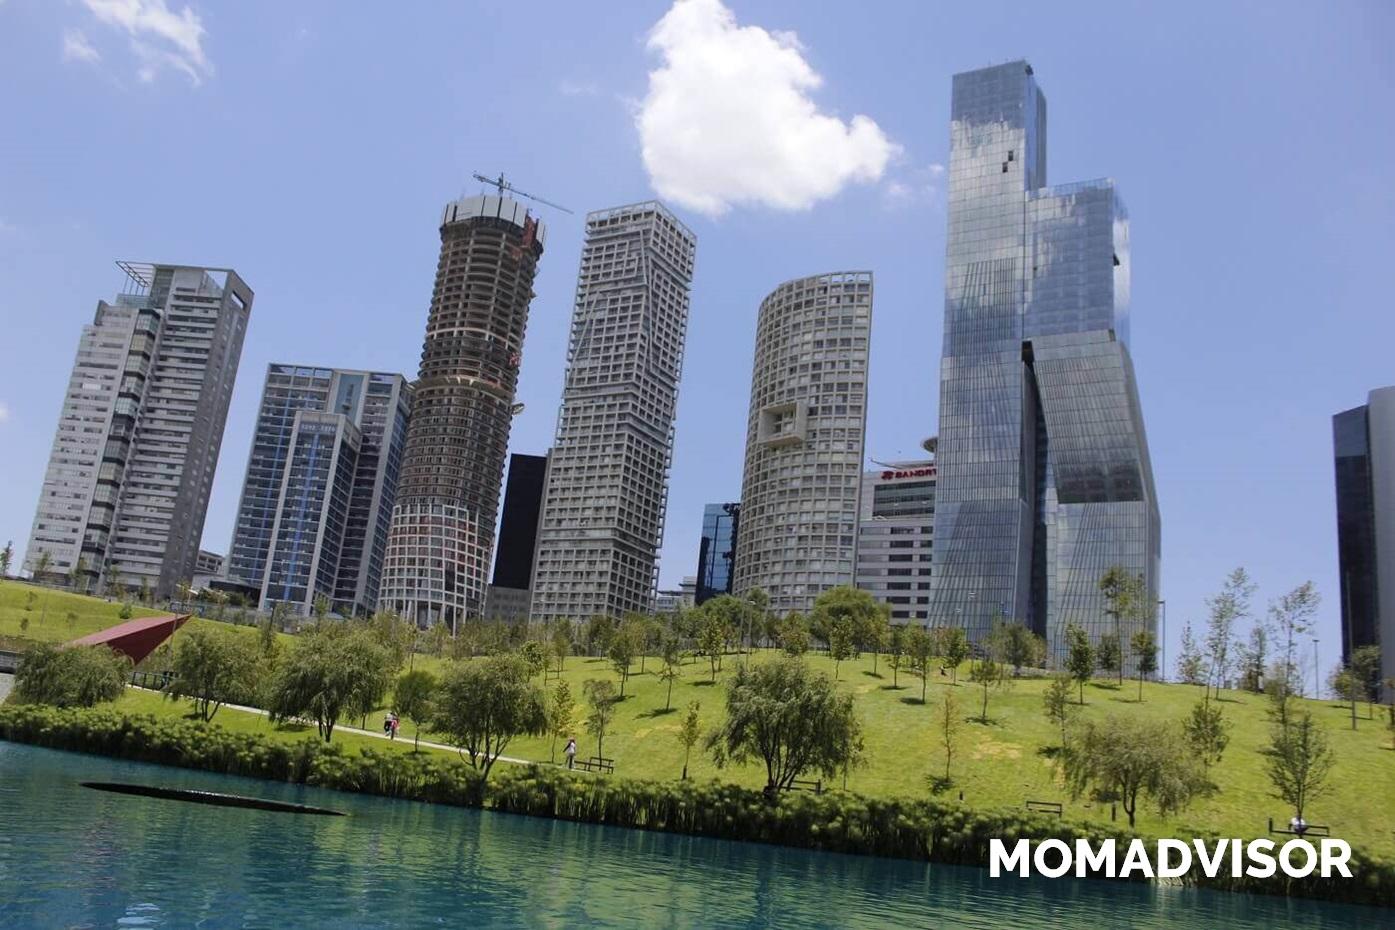 parque-la-mexicana-4-momadvisor-logo